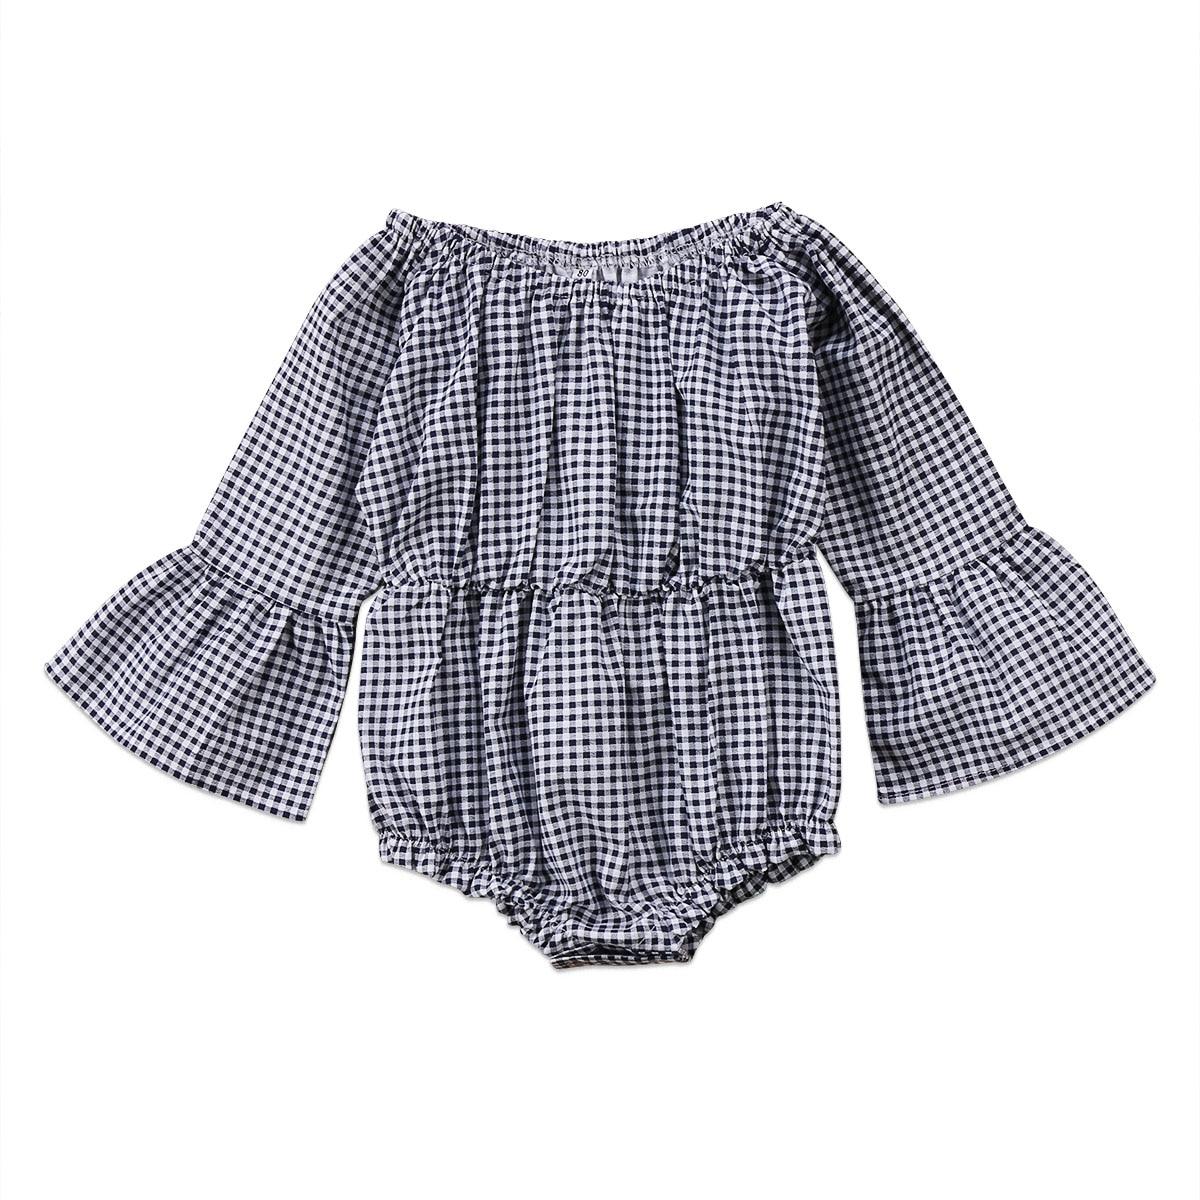 100% Kwaliteit Pasgeboren Baby Baby Meisje Kid Pagode Vlinder Mouw Jumpsuit Plaid Patroon Bodysuit Kleding 0-24 M En Om Een Lang Leven Te Hebben.